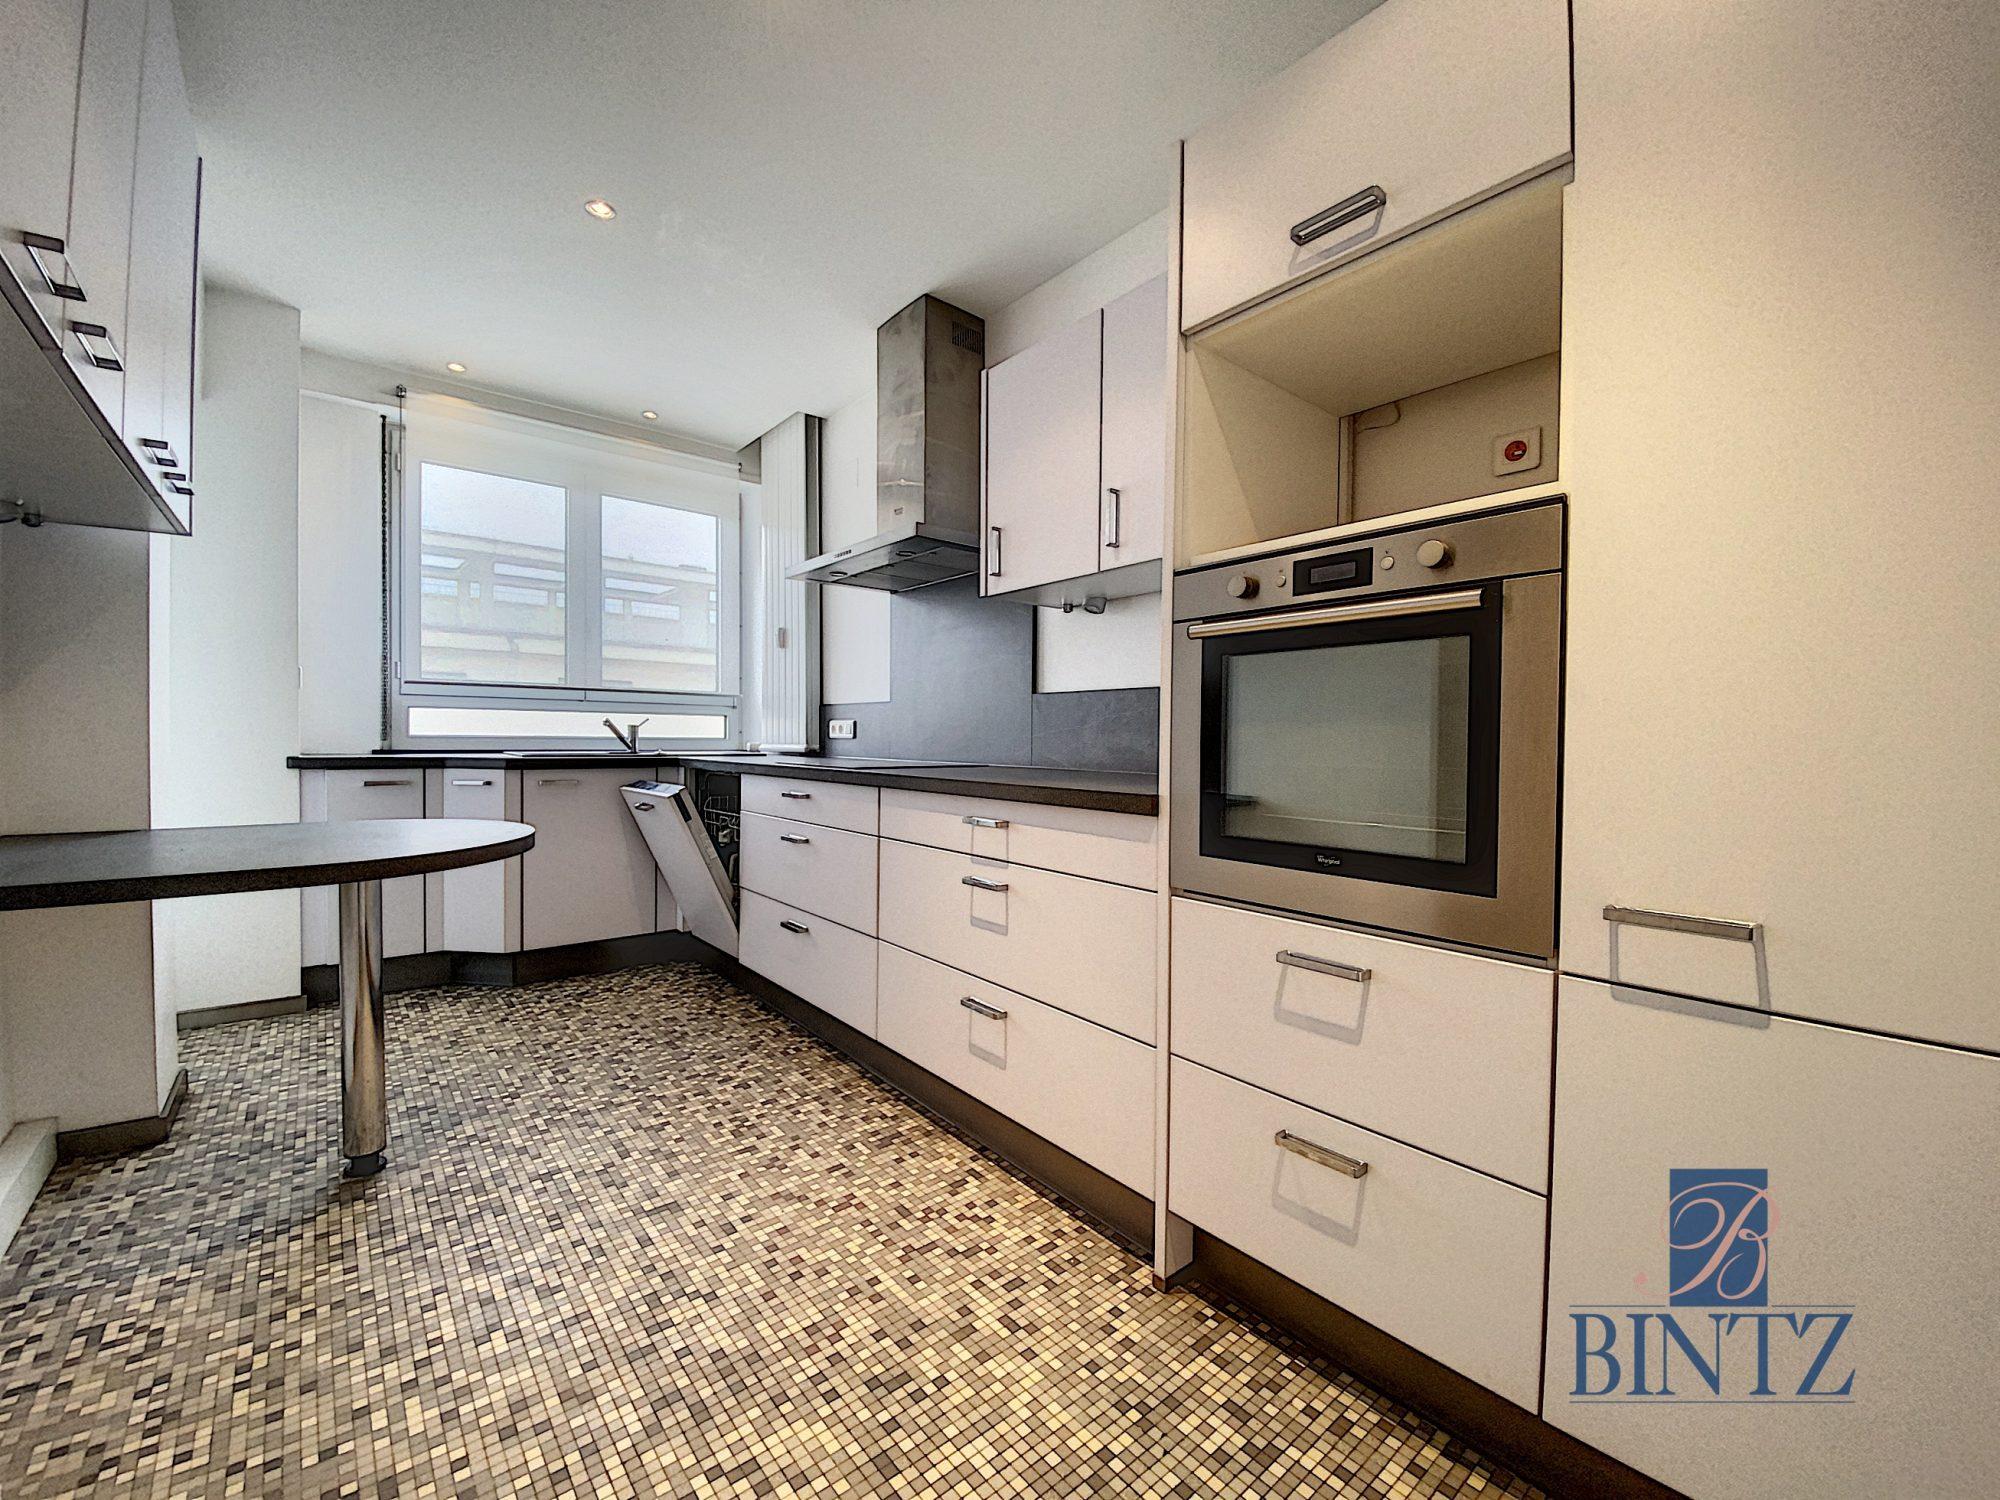 5-6 PIÈCES QUARTIER CONTADES - Devenez locataire en toute sérénité - Bintz Immobilier - 3